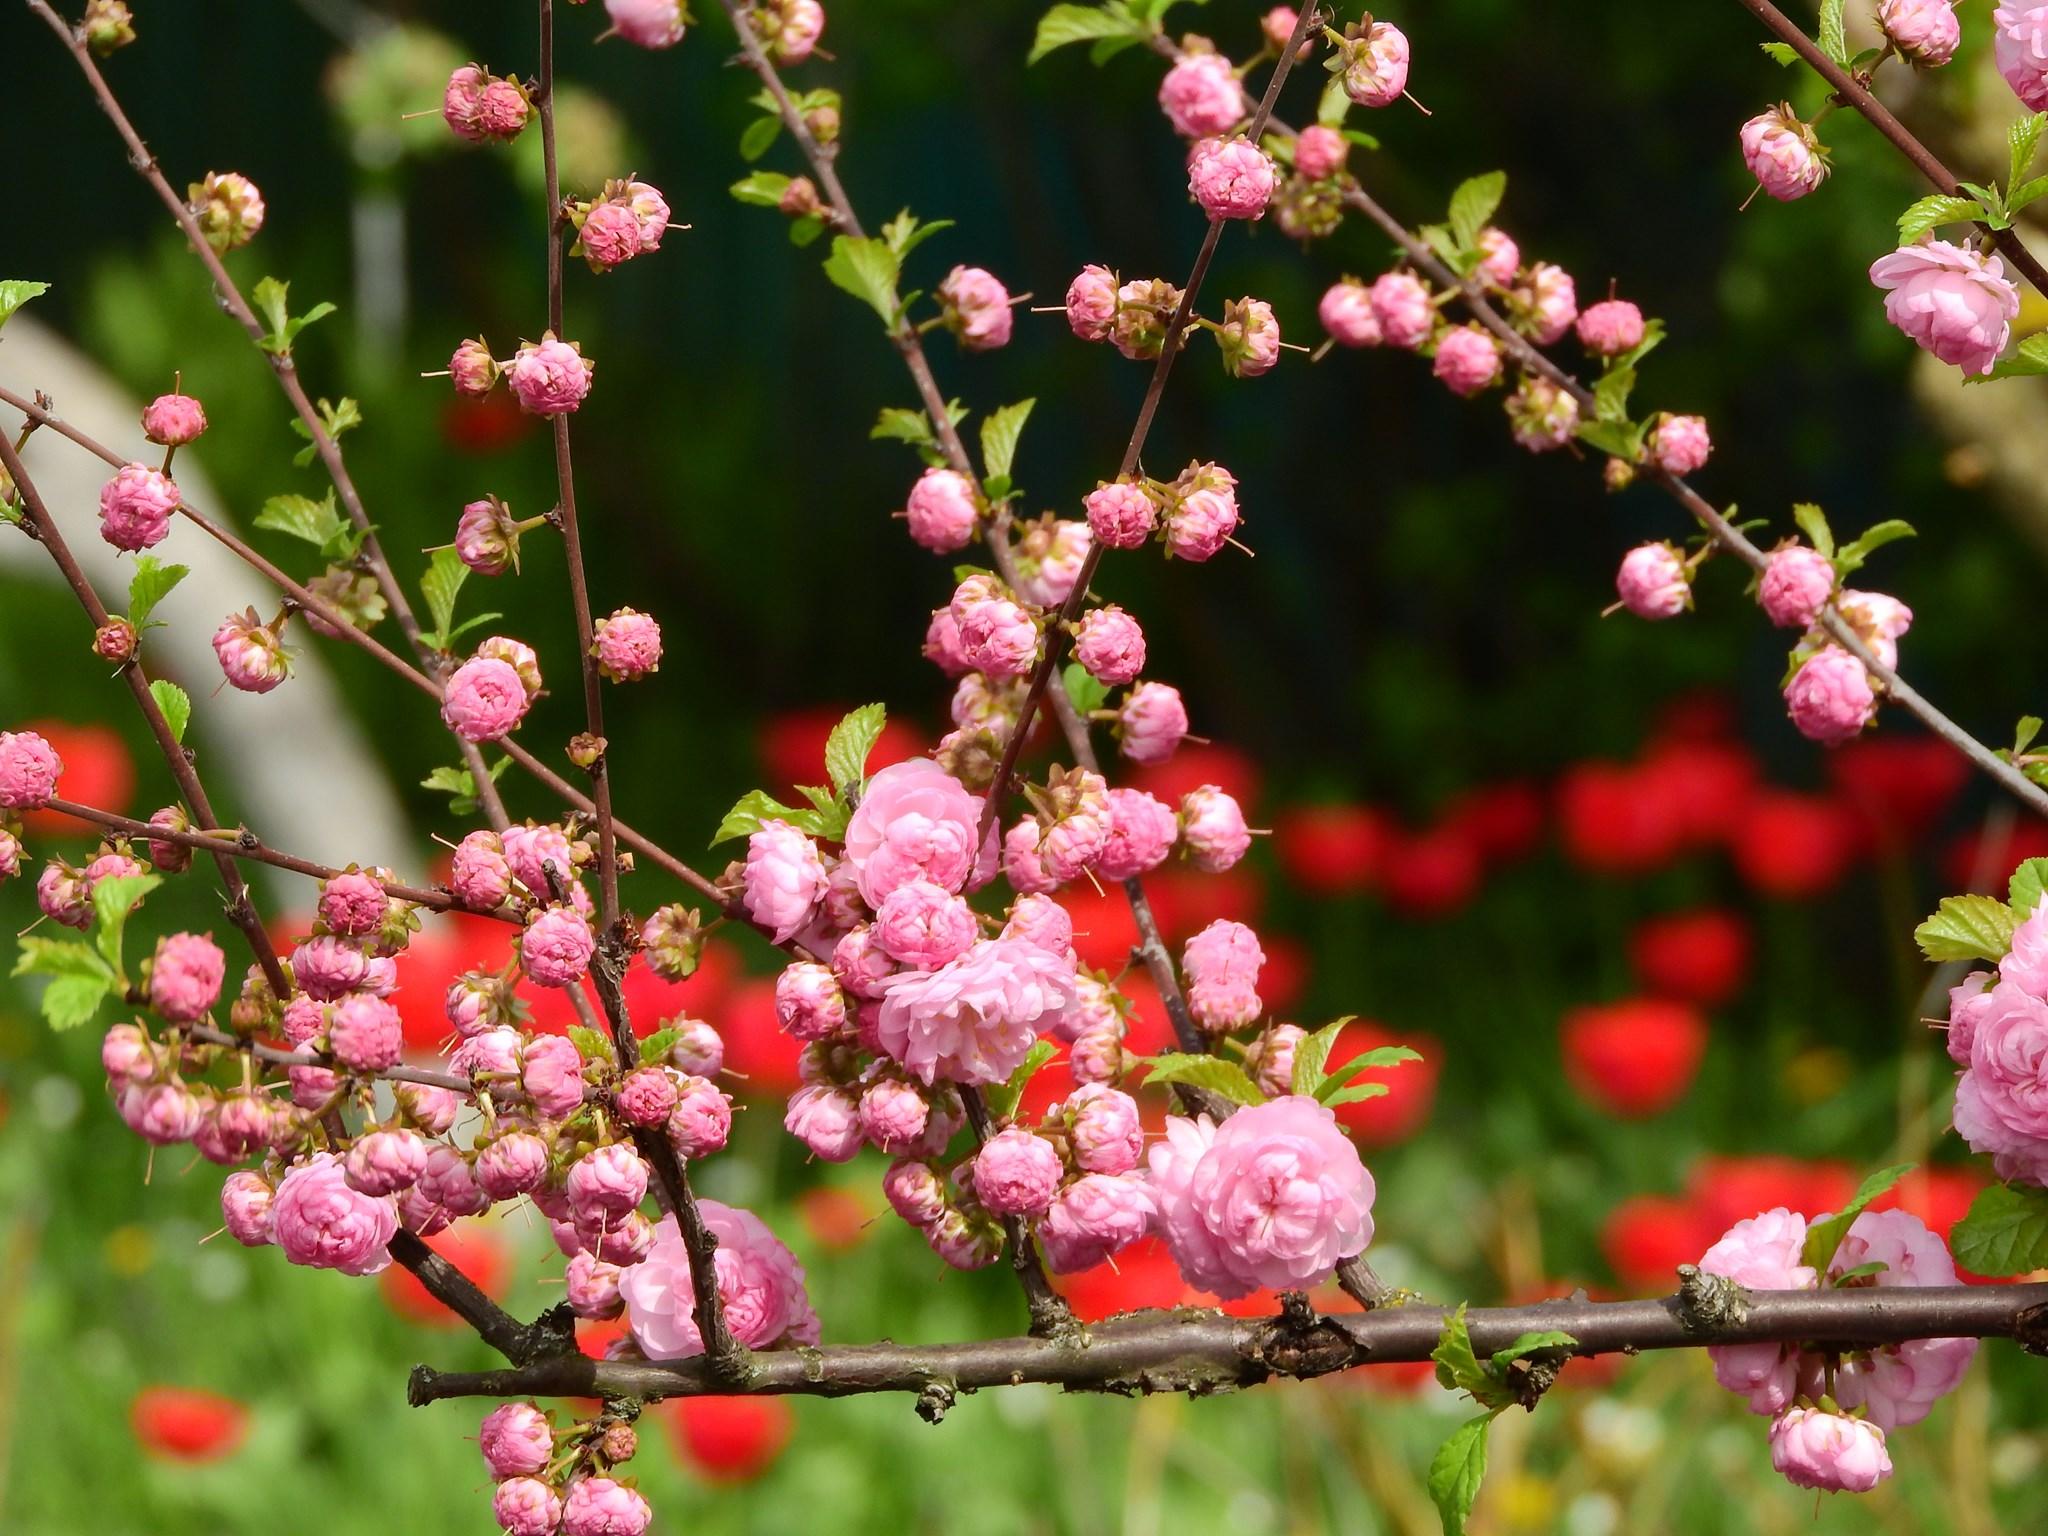 У музеї Коцюбинського розквітла оаза квітів (Фото)